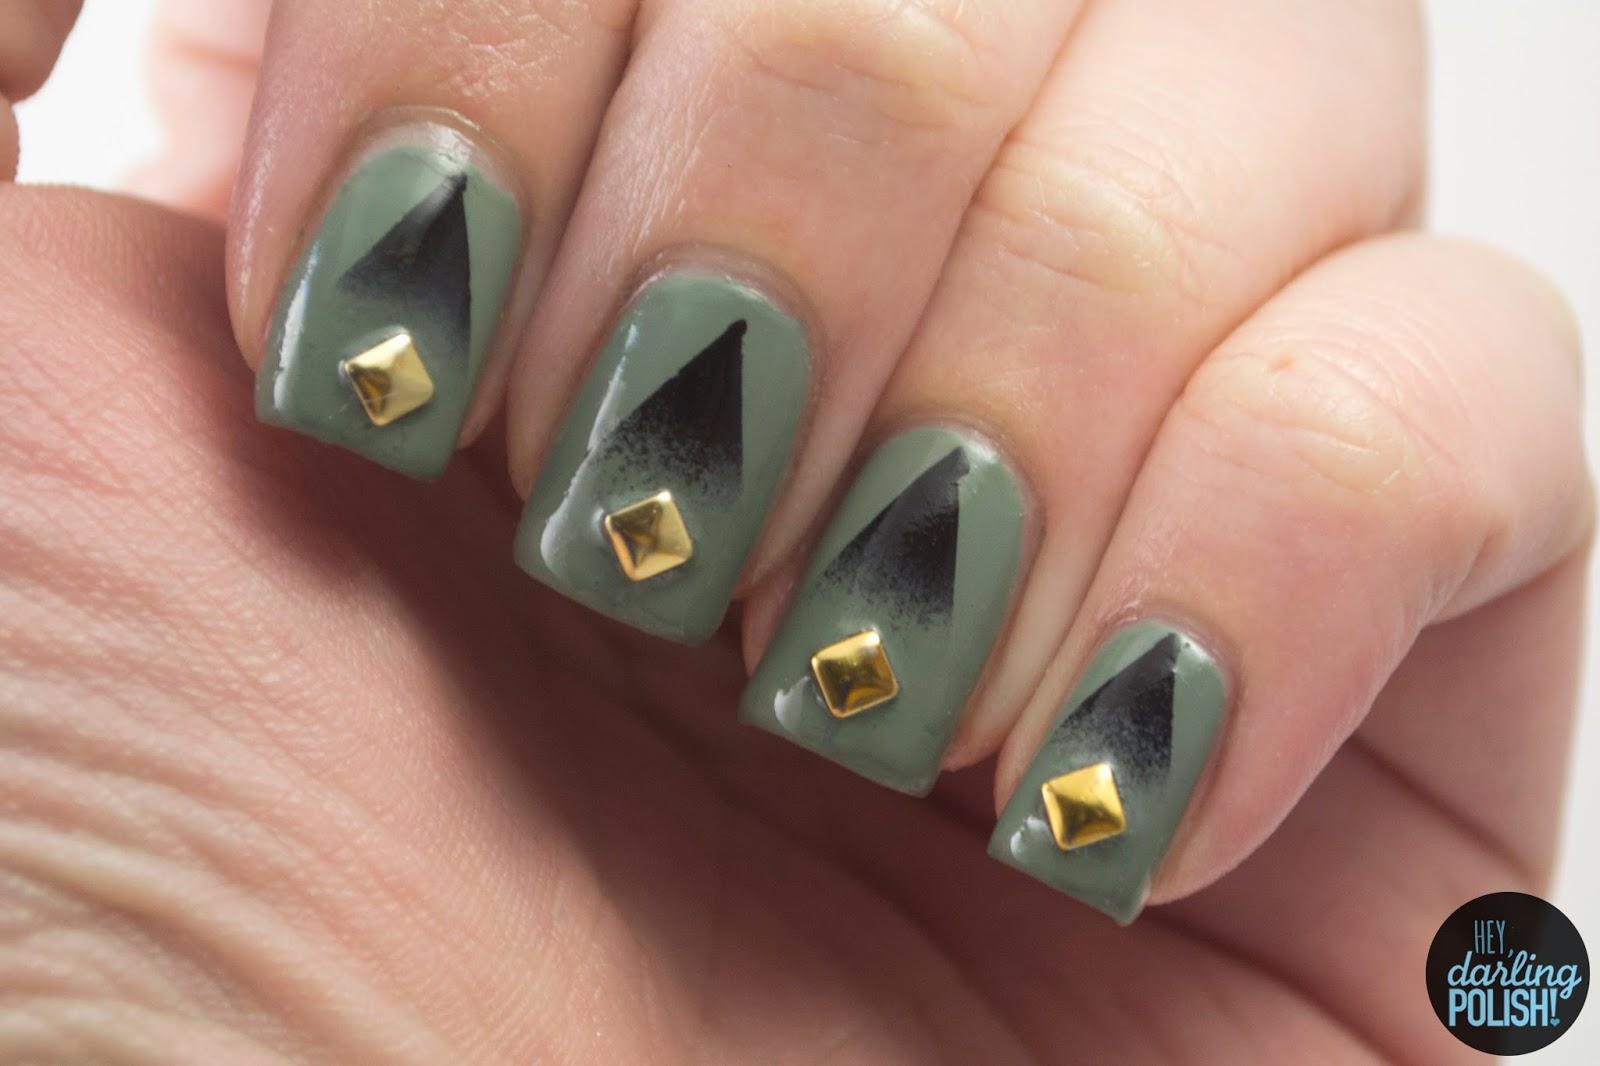 nails, nail art, nail polish, indie, indie polish, indie nail polish, boutique, hey darling polish, green, black, cult nails, gradients, studs